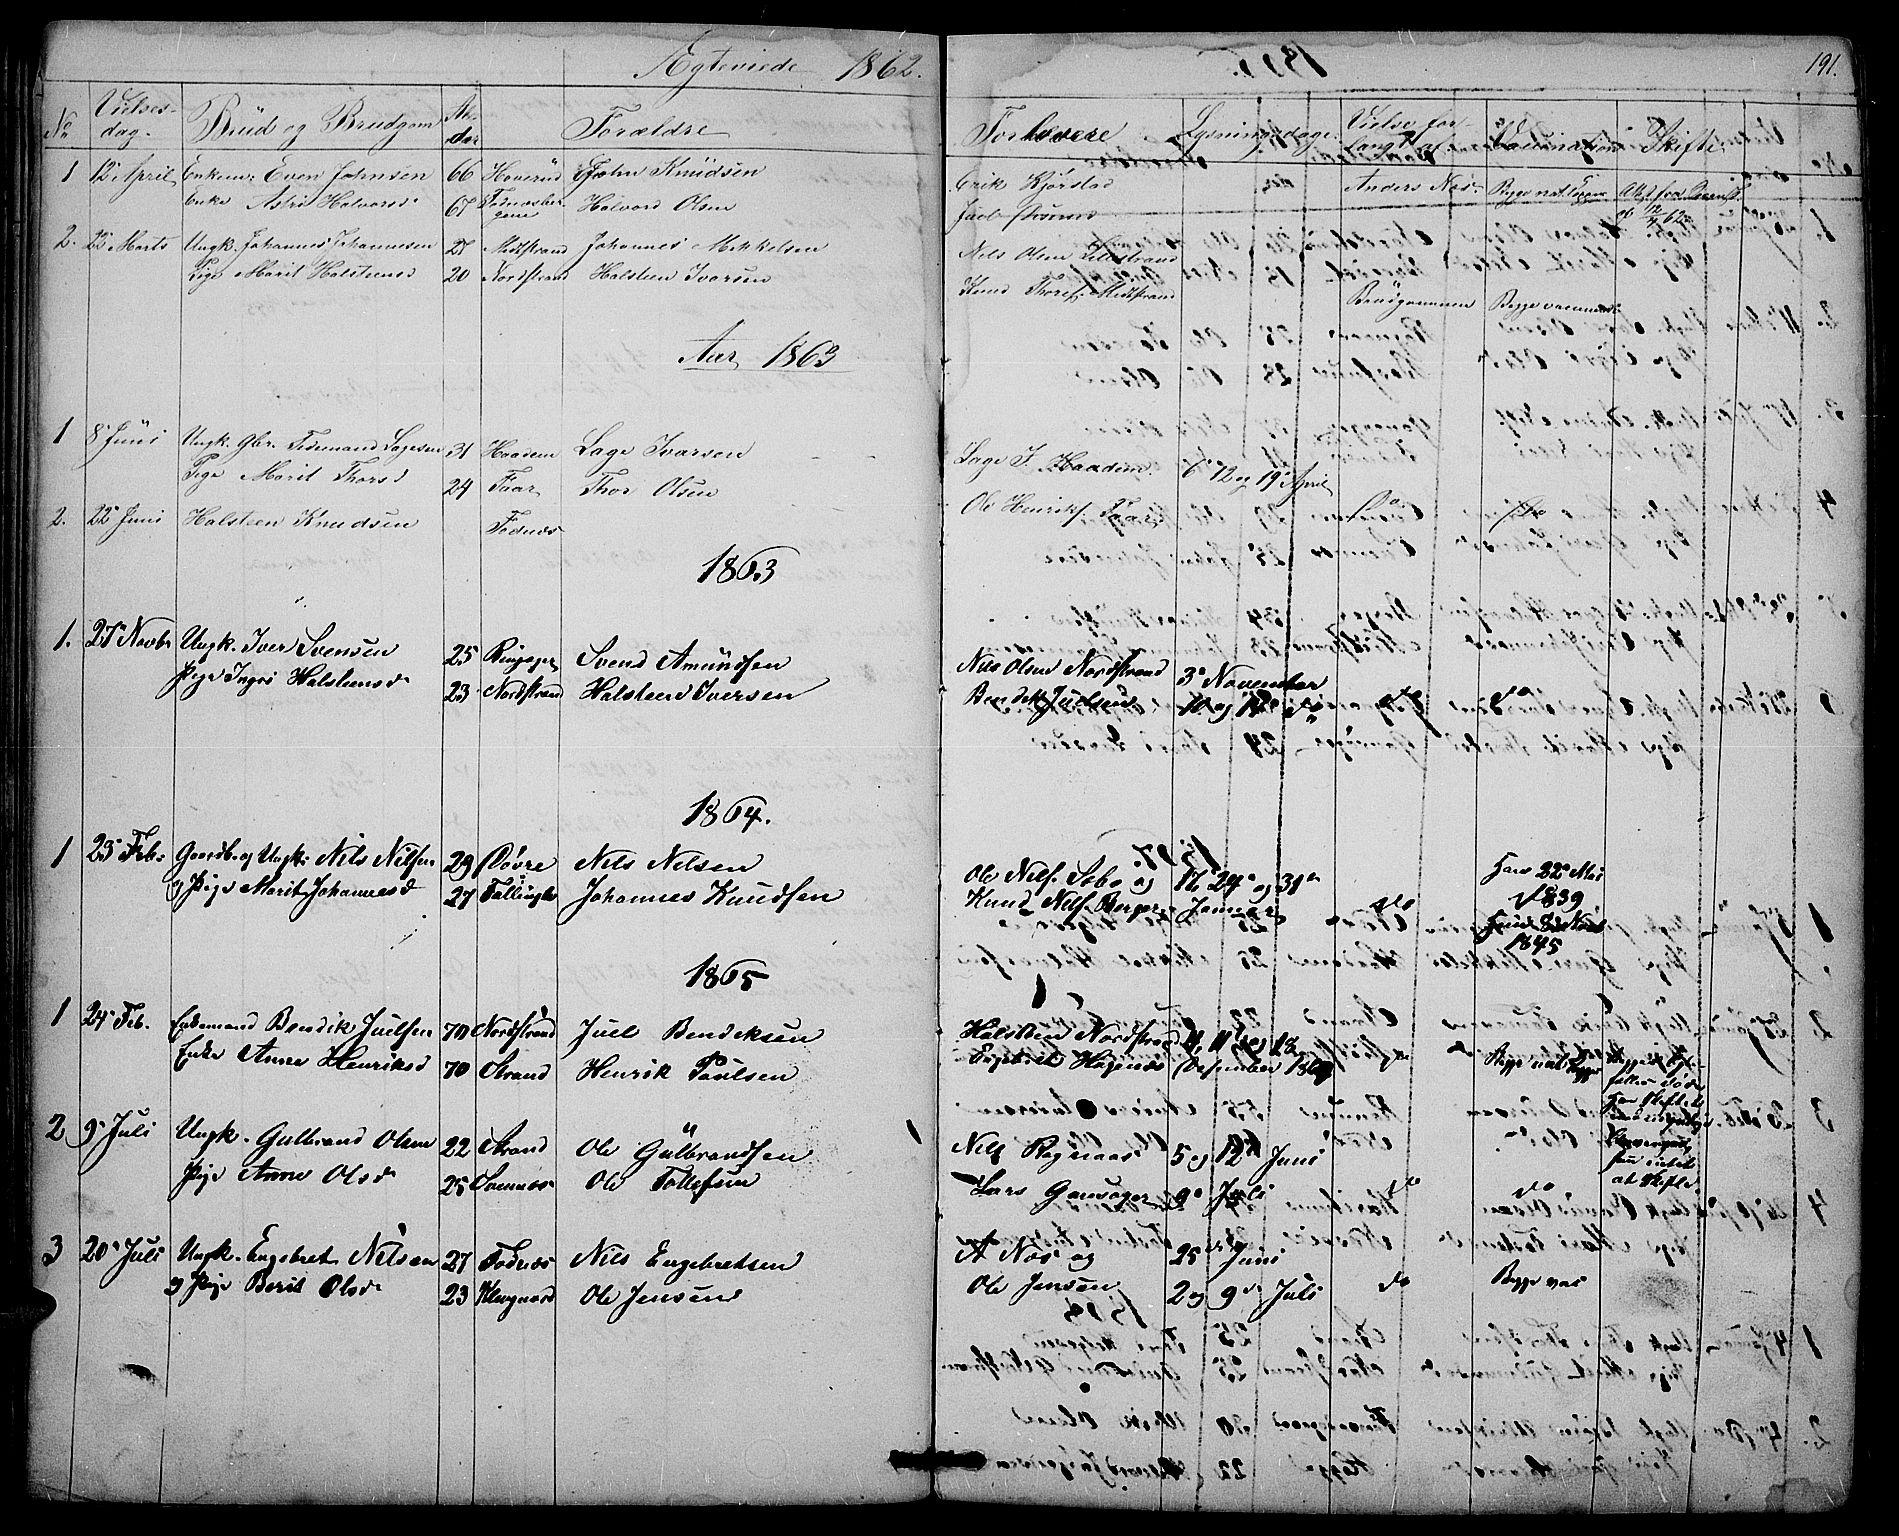 SAH, Nord-Aurdal prestekontor, Klokkerbok nr. 3, 1842-1882, s. 191